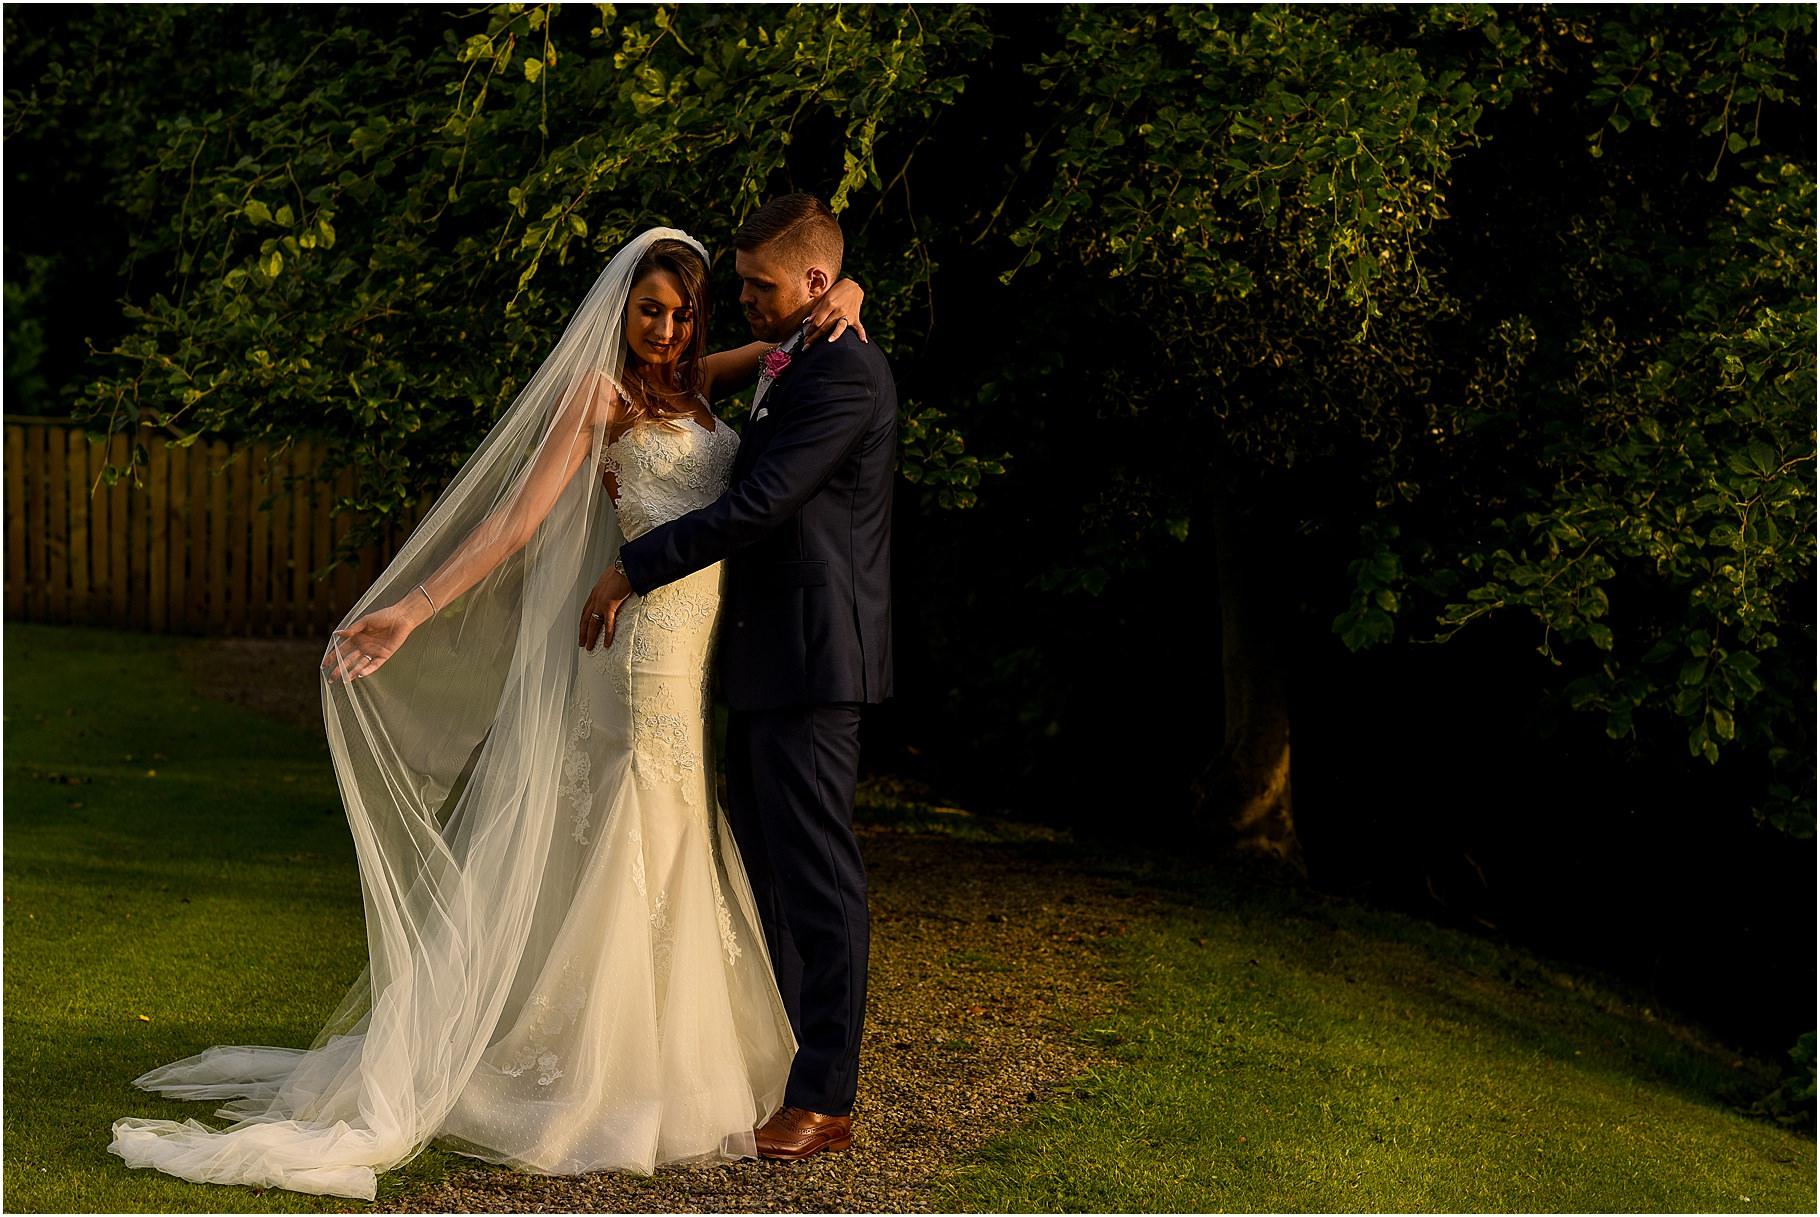 mitton-hall-wedding-095.jpg